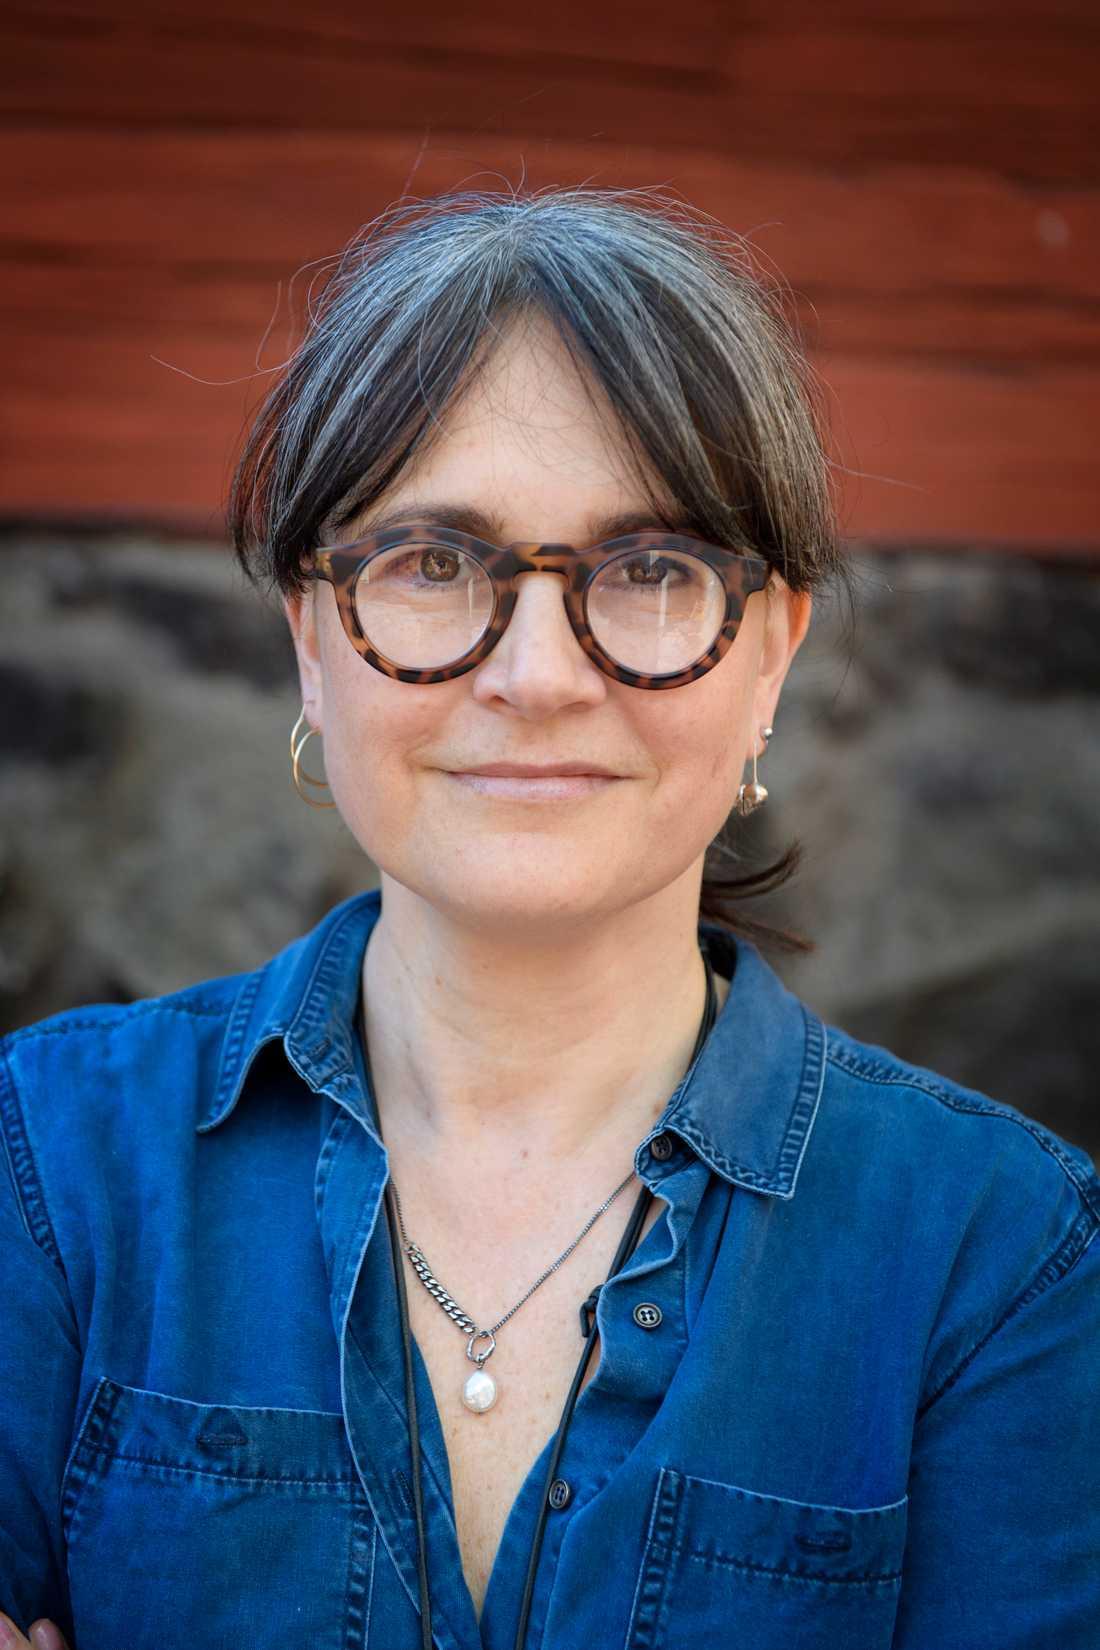 Manusförfattaren Cilla Jackert tycker att fler upphovspersoner borde prisas på tv-galan Kristallen. Arkivbild.